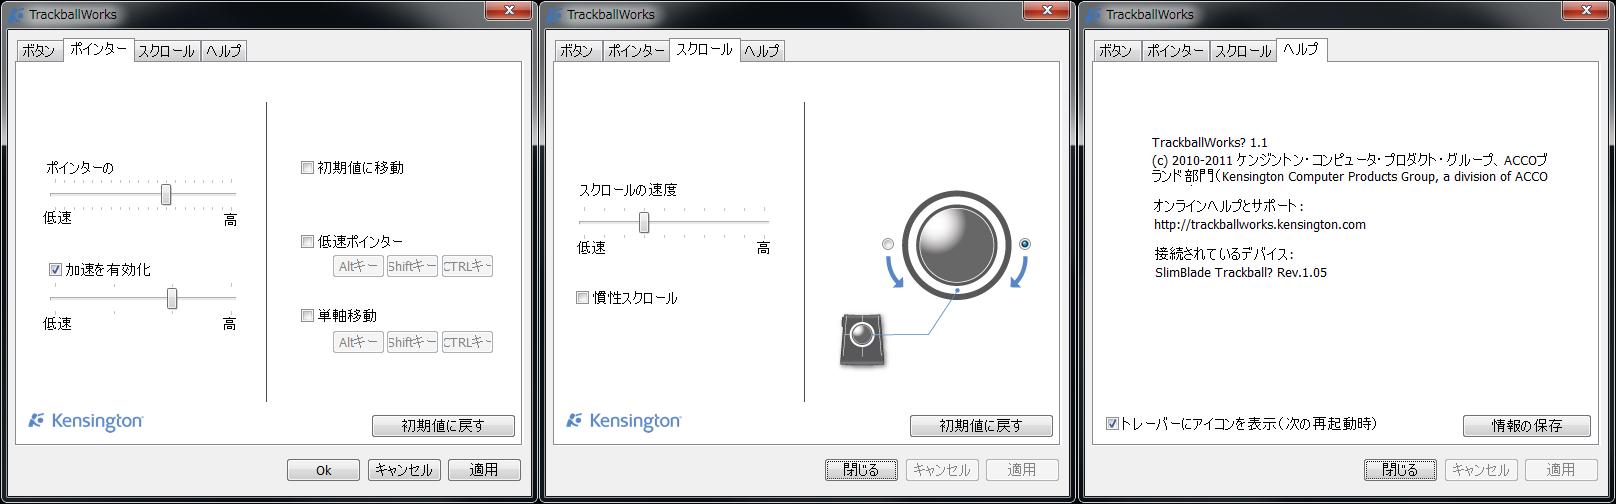 Kensington TrackballWorks 1.1 にしてみた。[画像多数]_b0003577_8582749.png